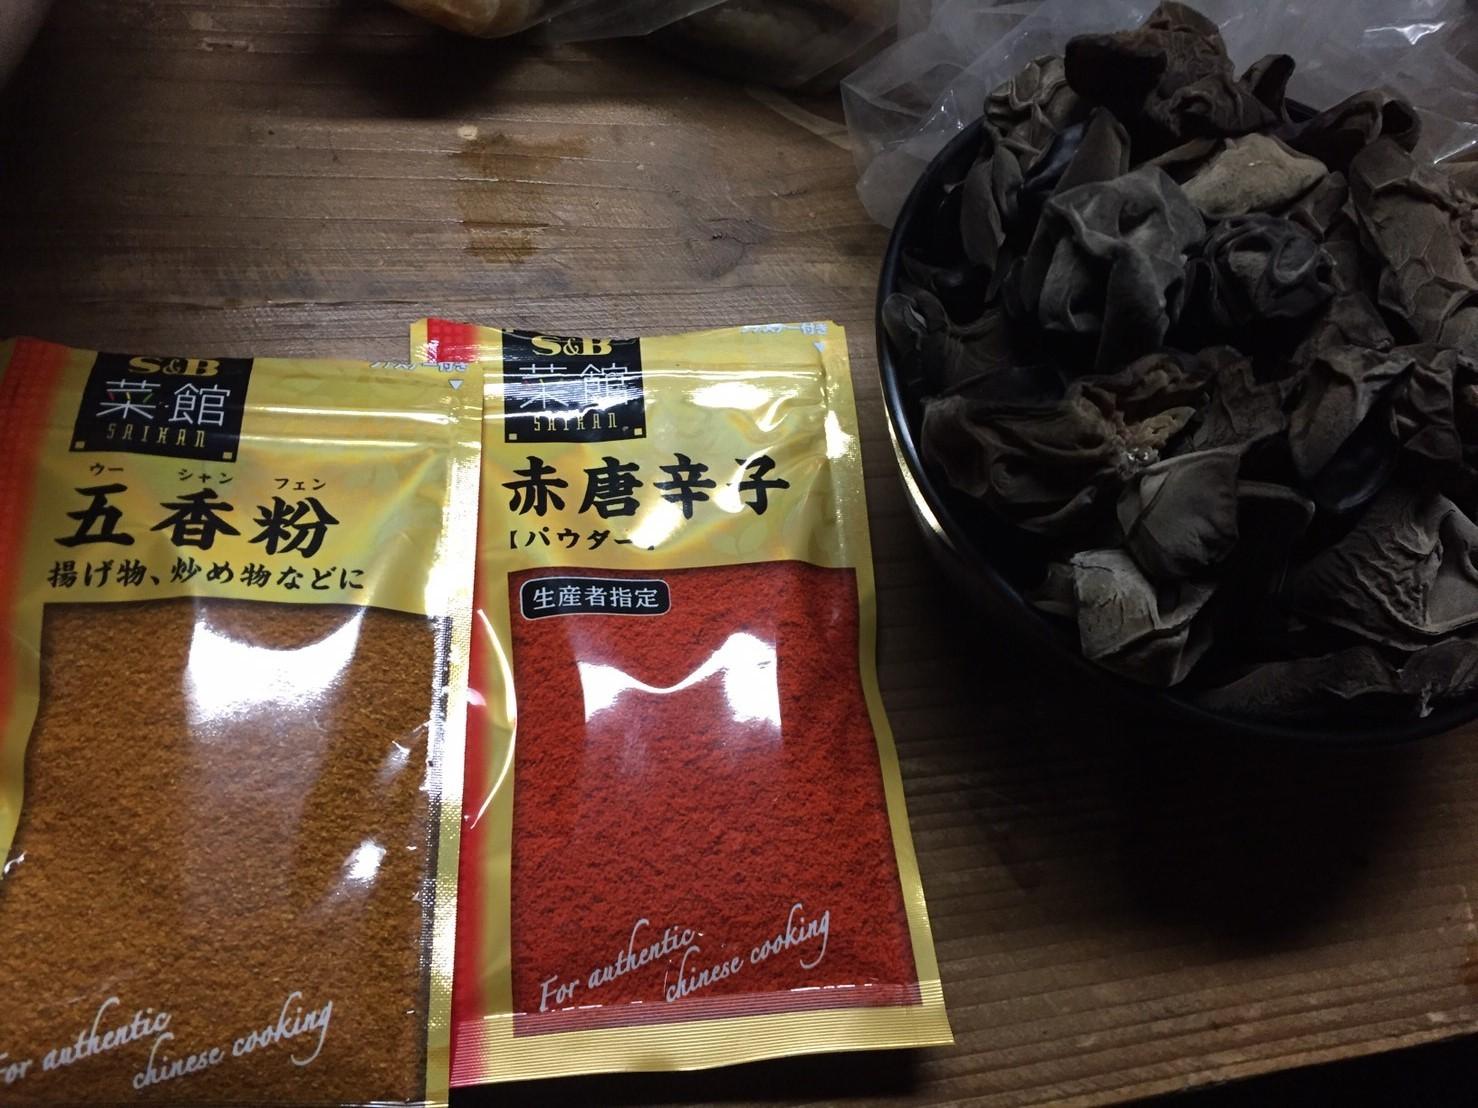 モリキン会 安蔵BBQ 2019 春_e0115904_03474618.jpg